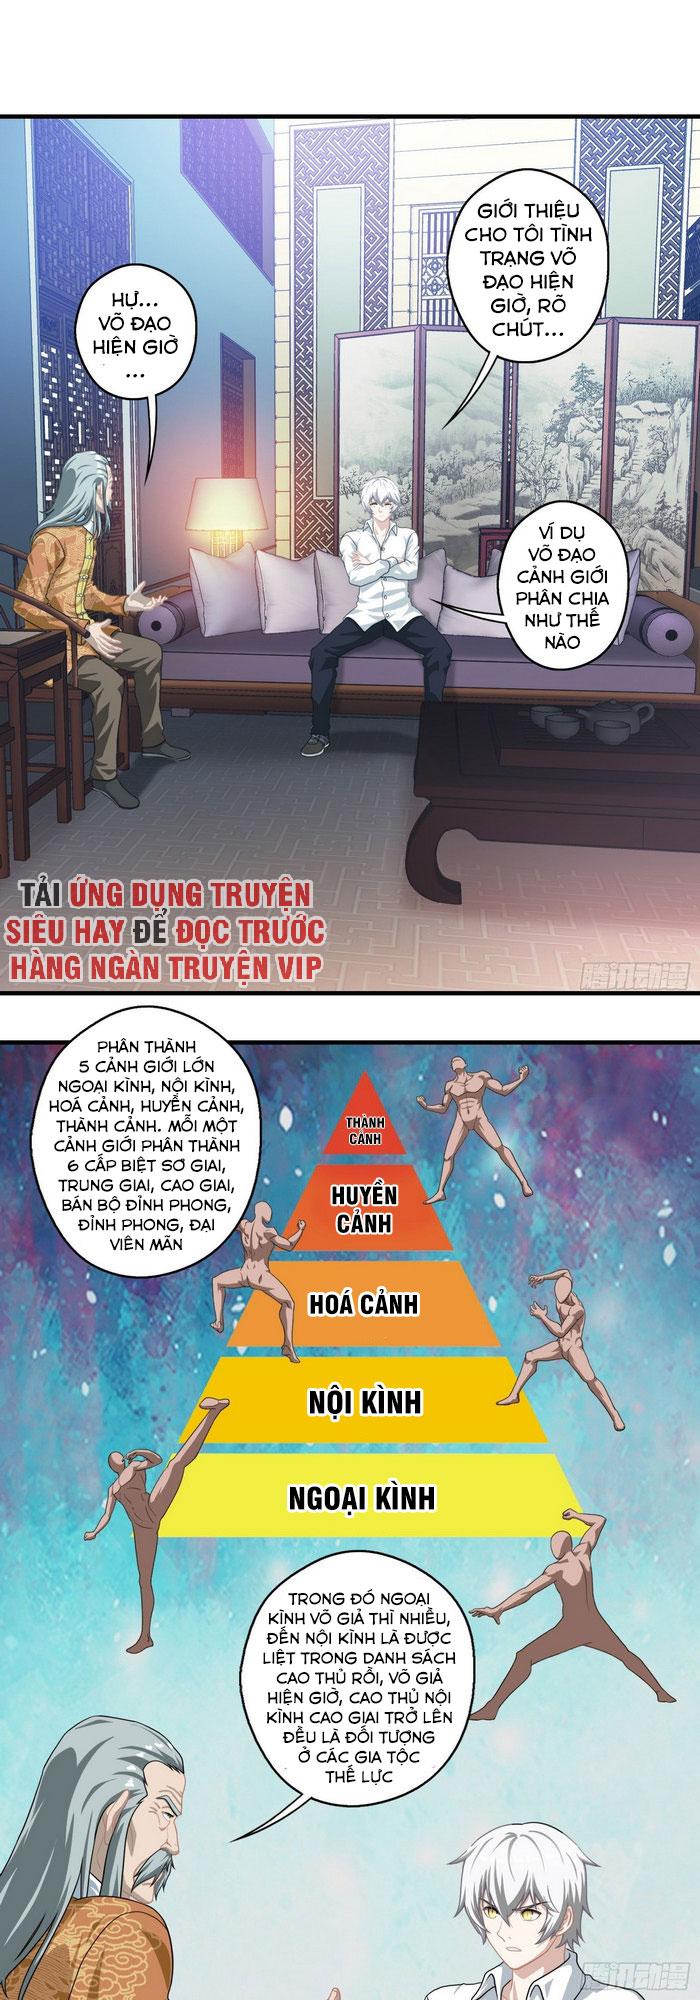 Ta Tu Linh Mạch Ở Hoa Hạ chap 7 - Trang 1